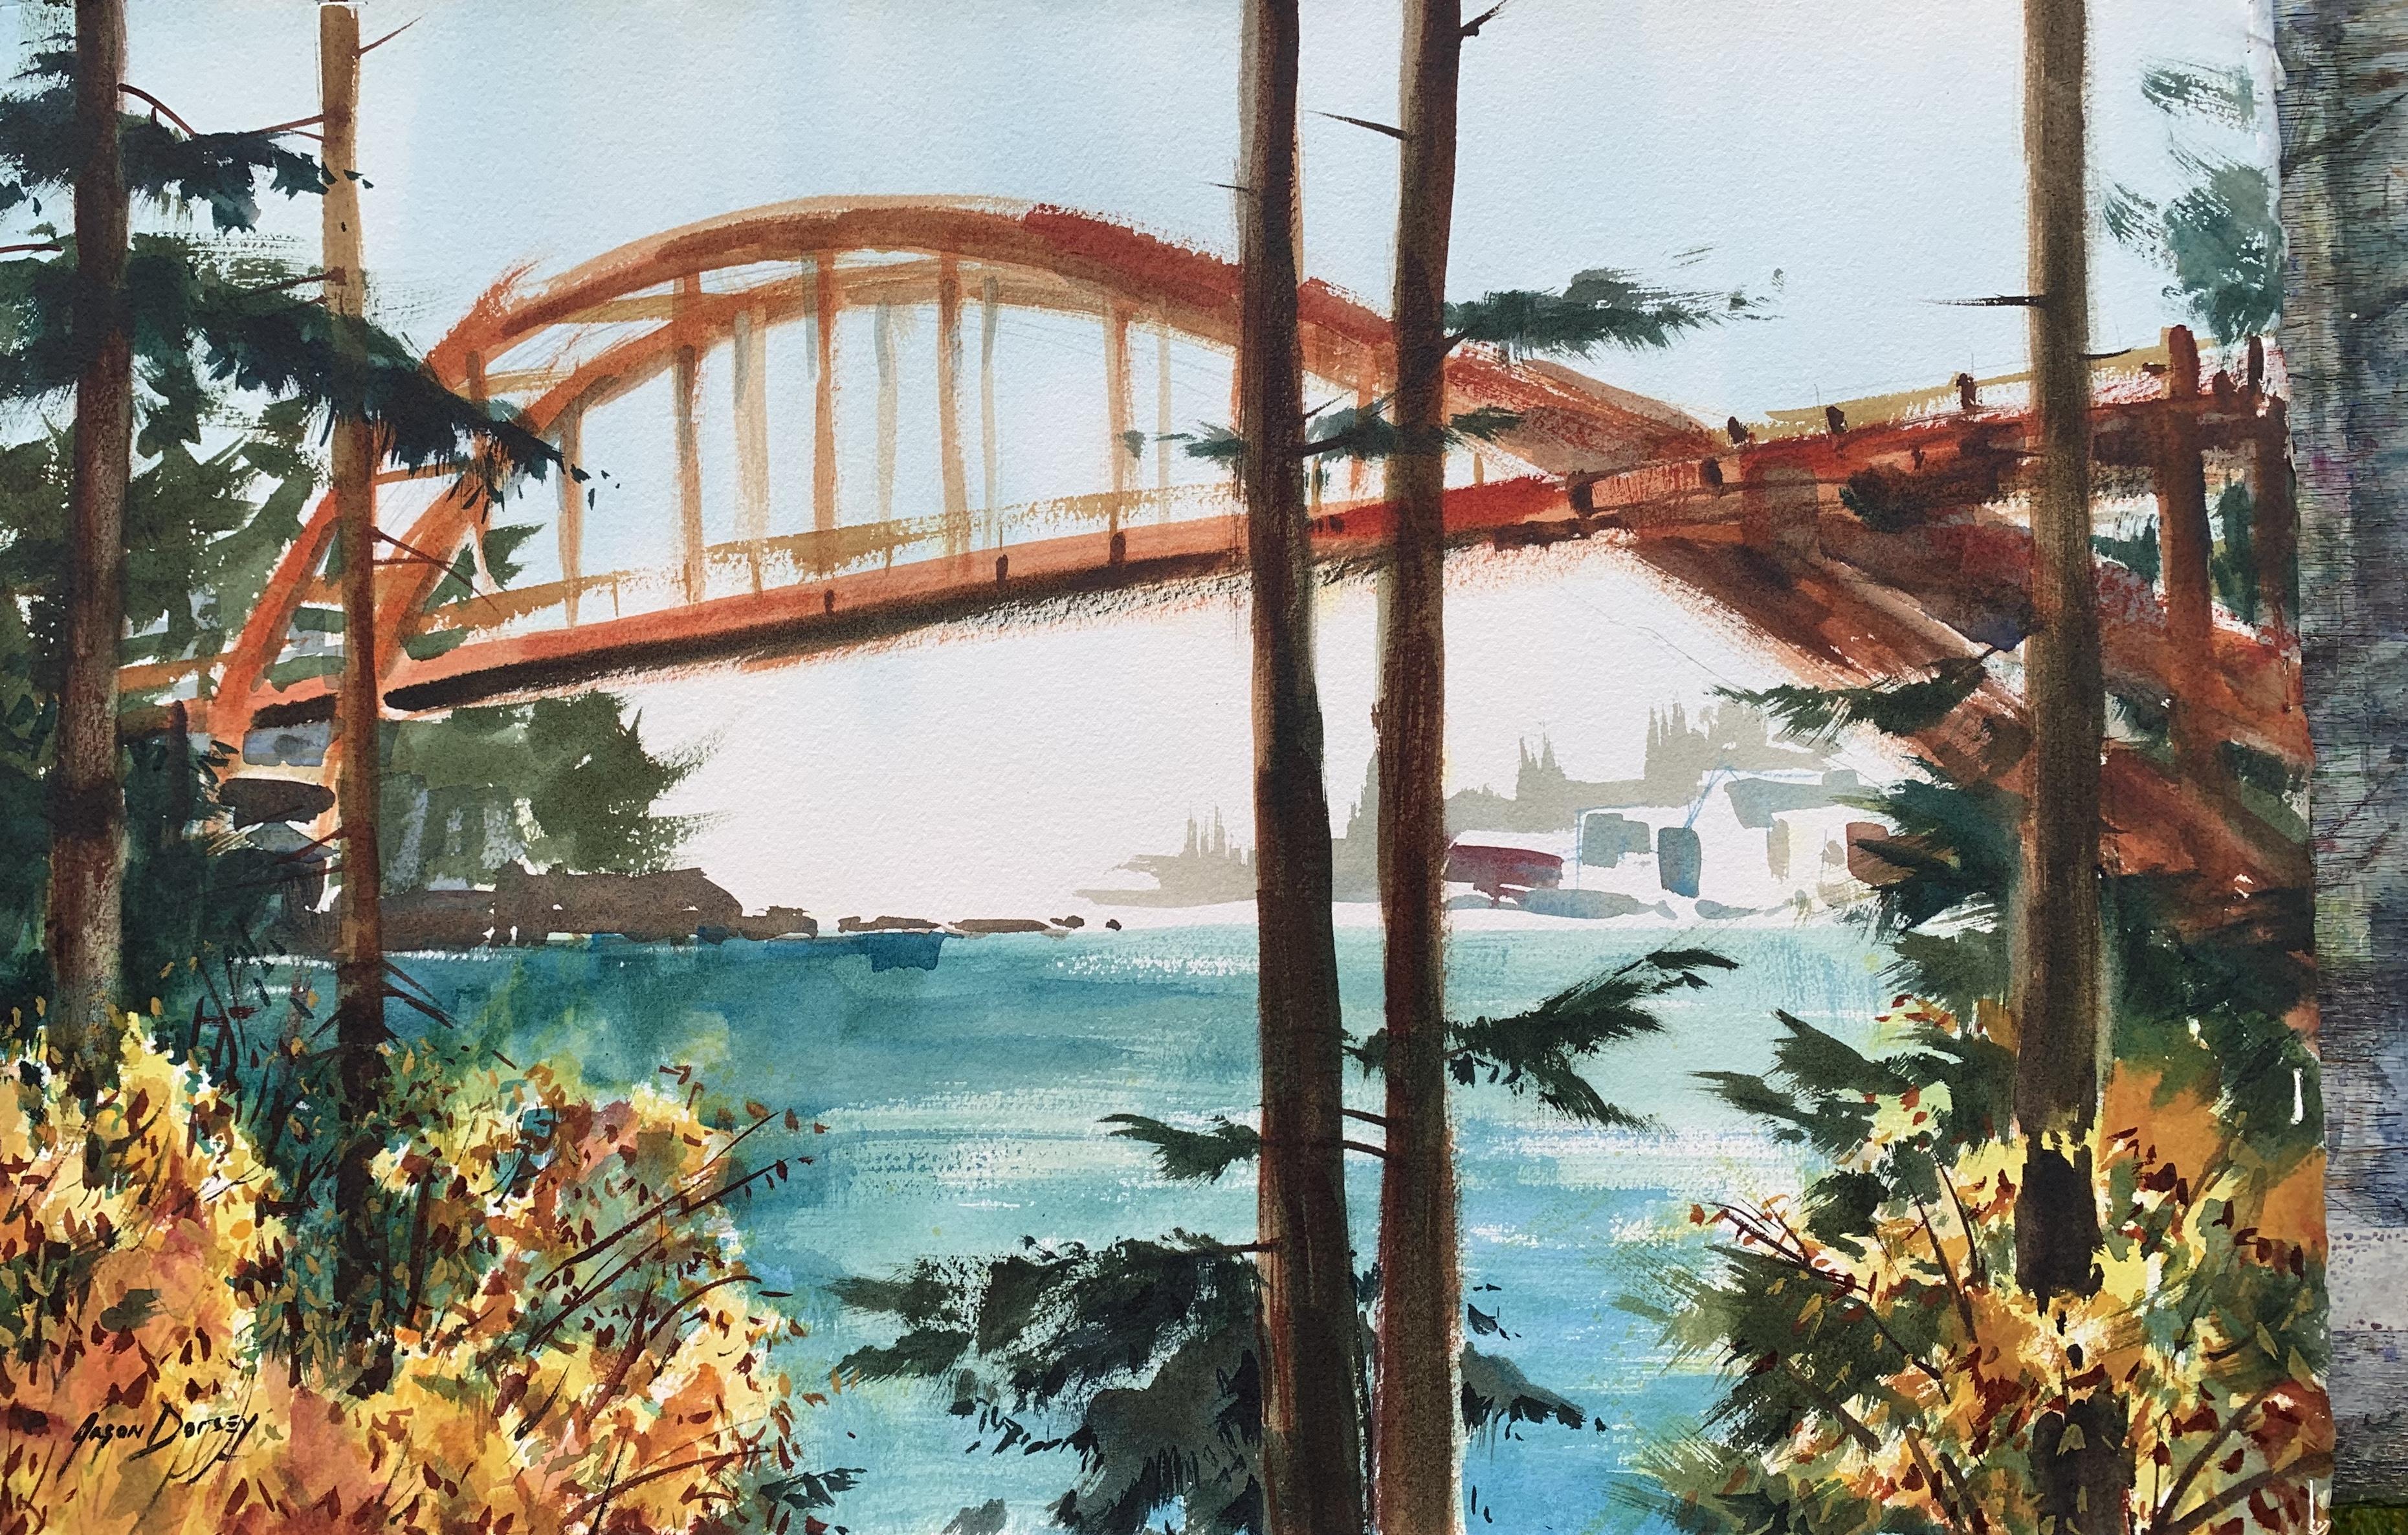 La Connor's Bridge #2